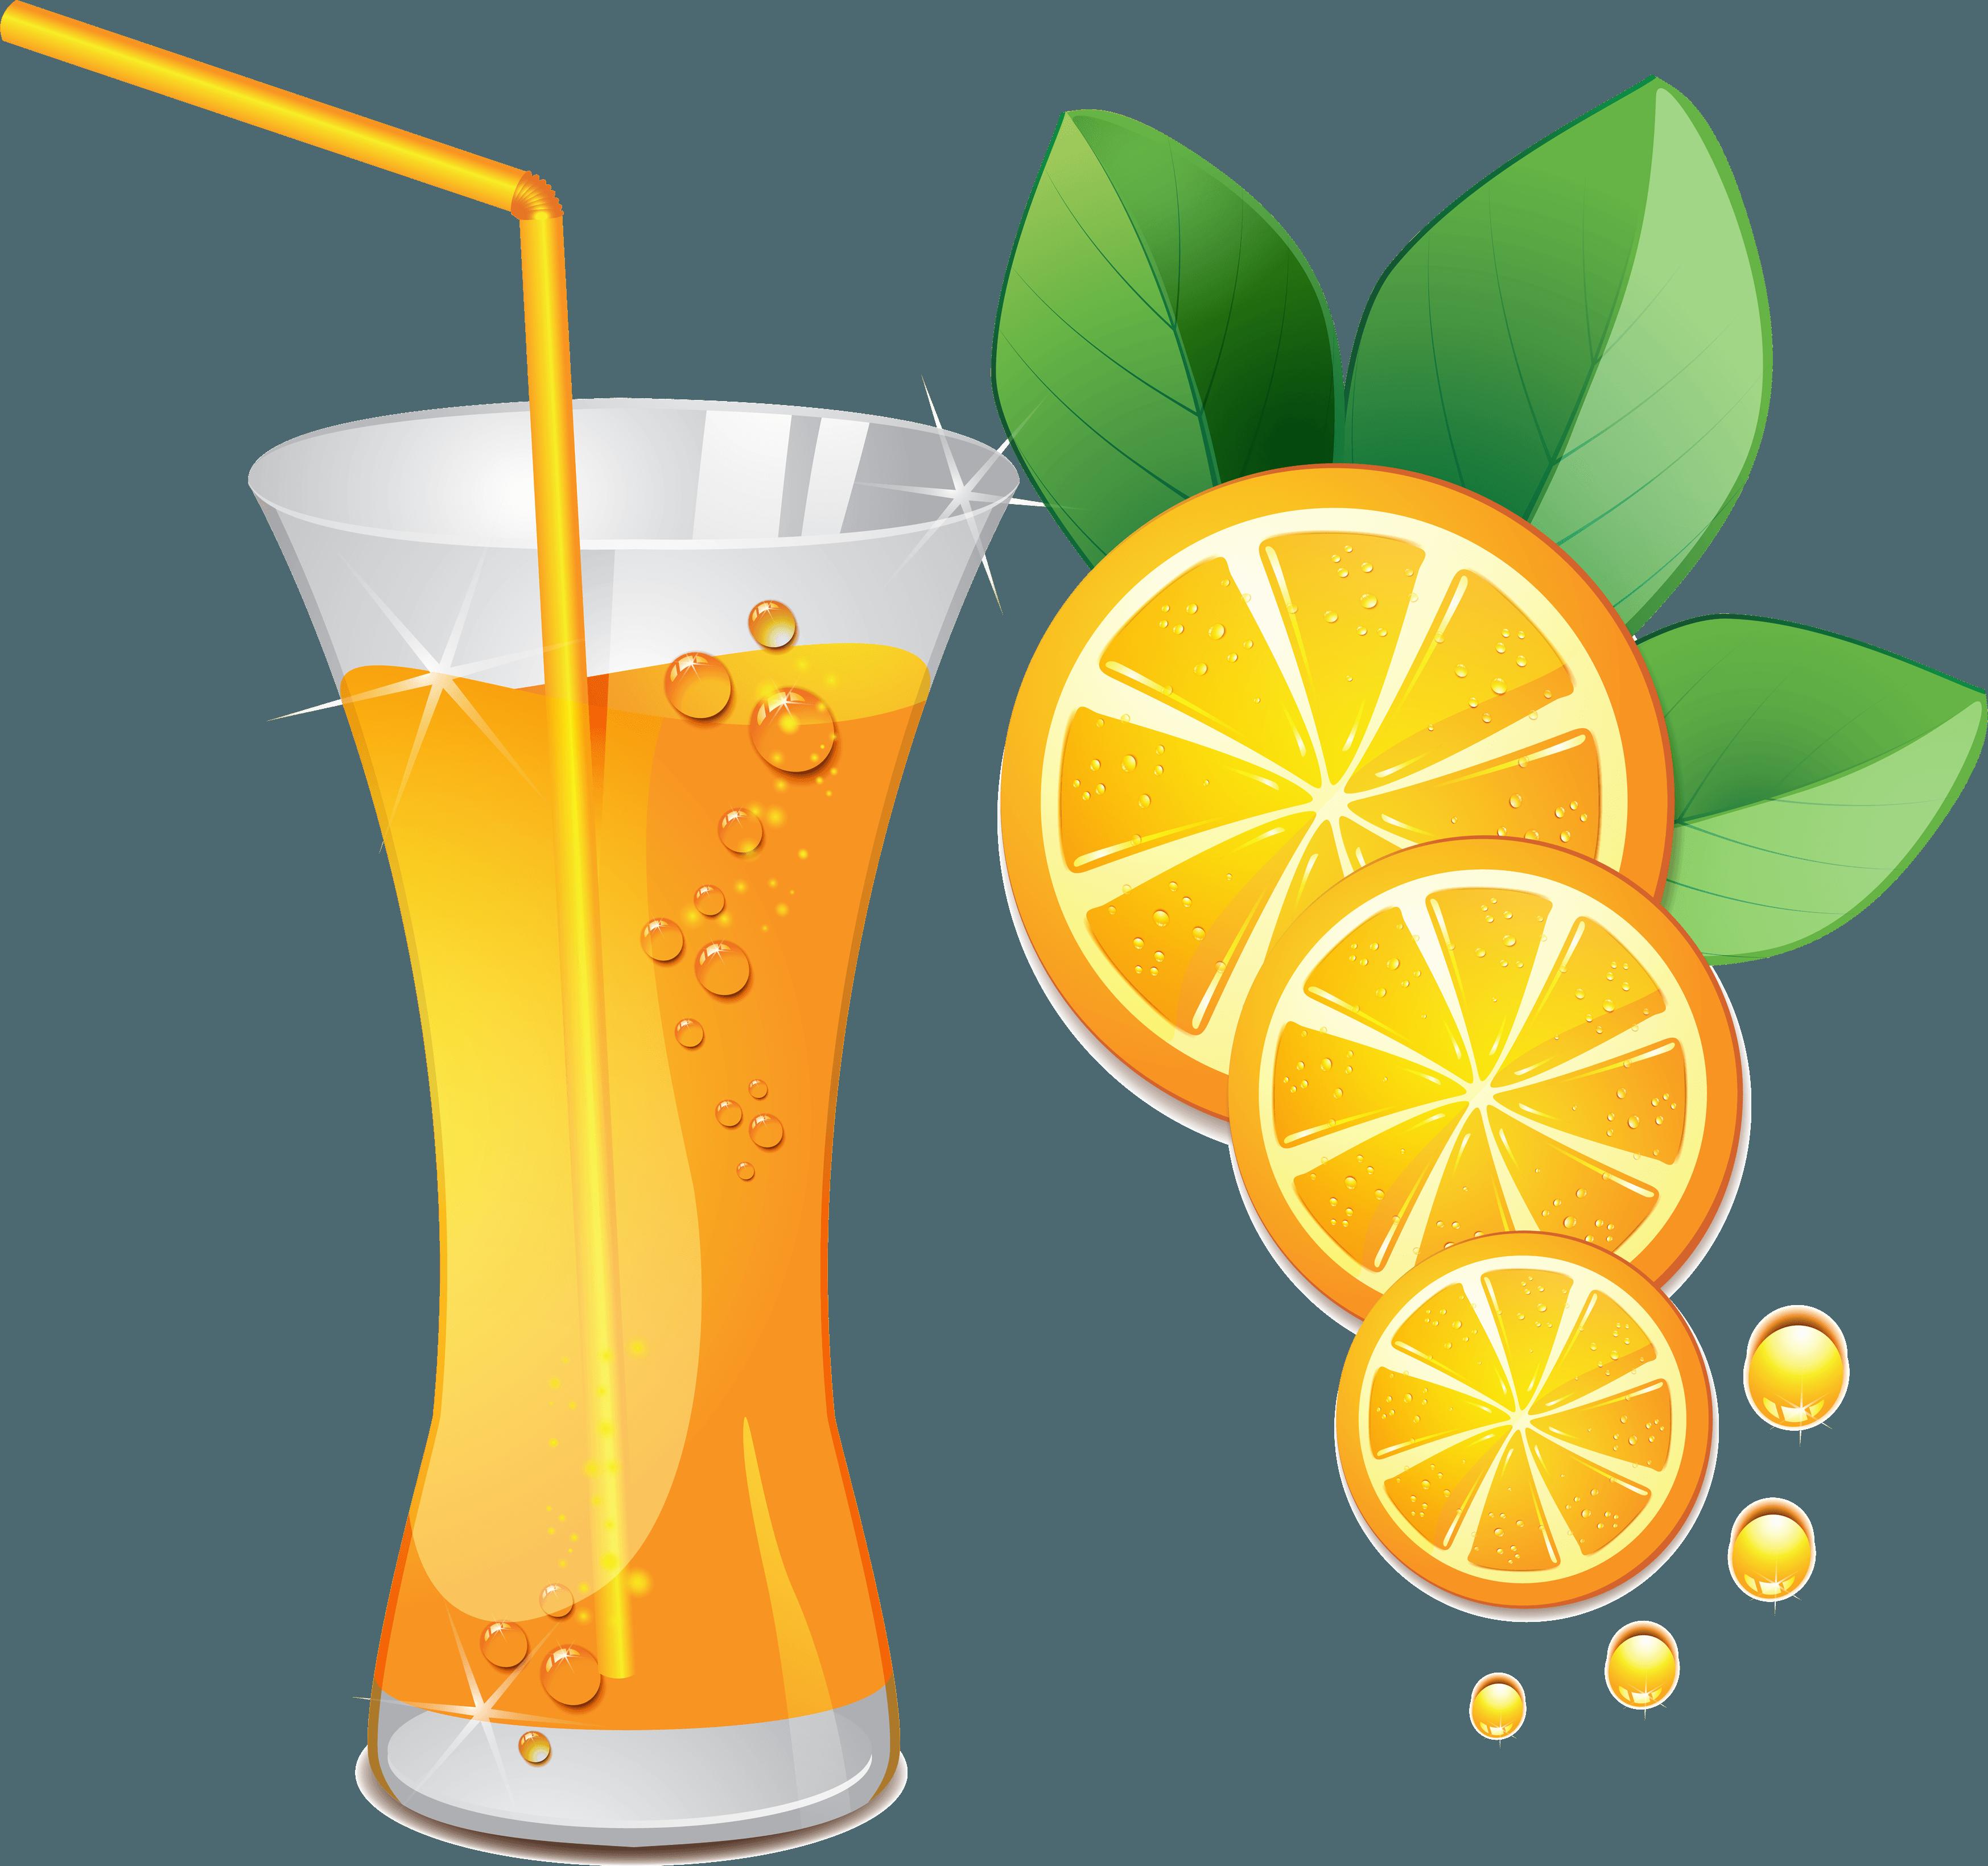 Watermelon clipart juices. Juice png transparent free